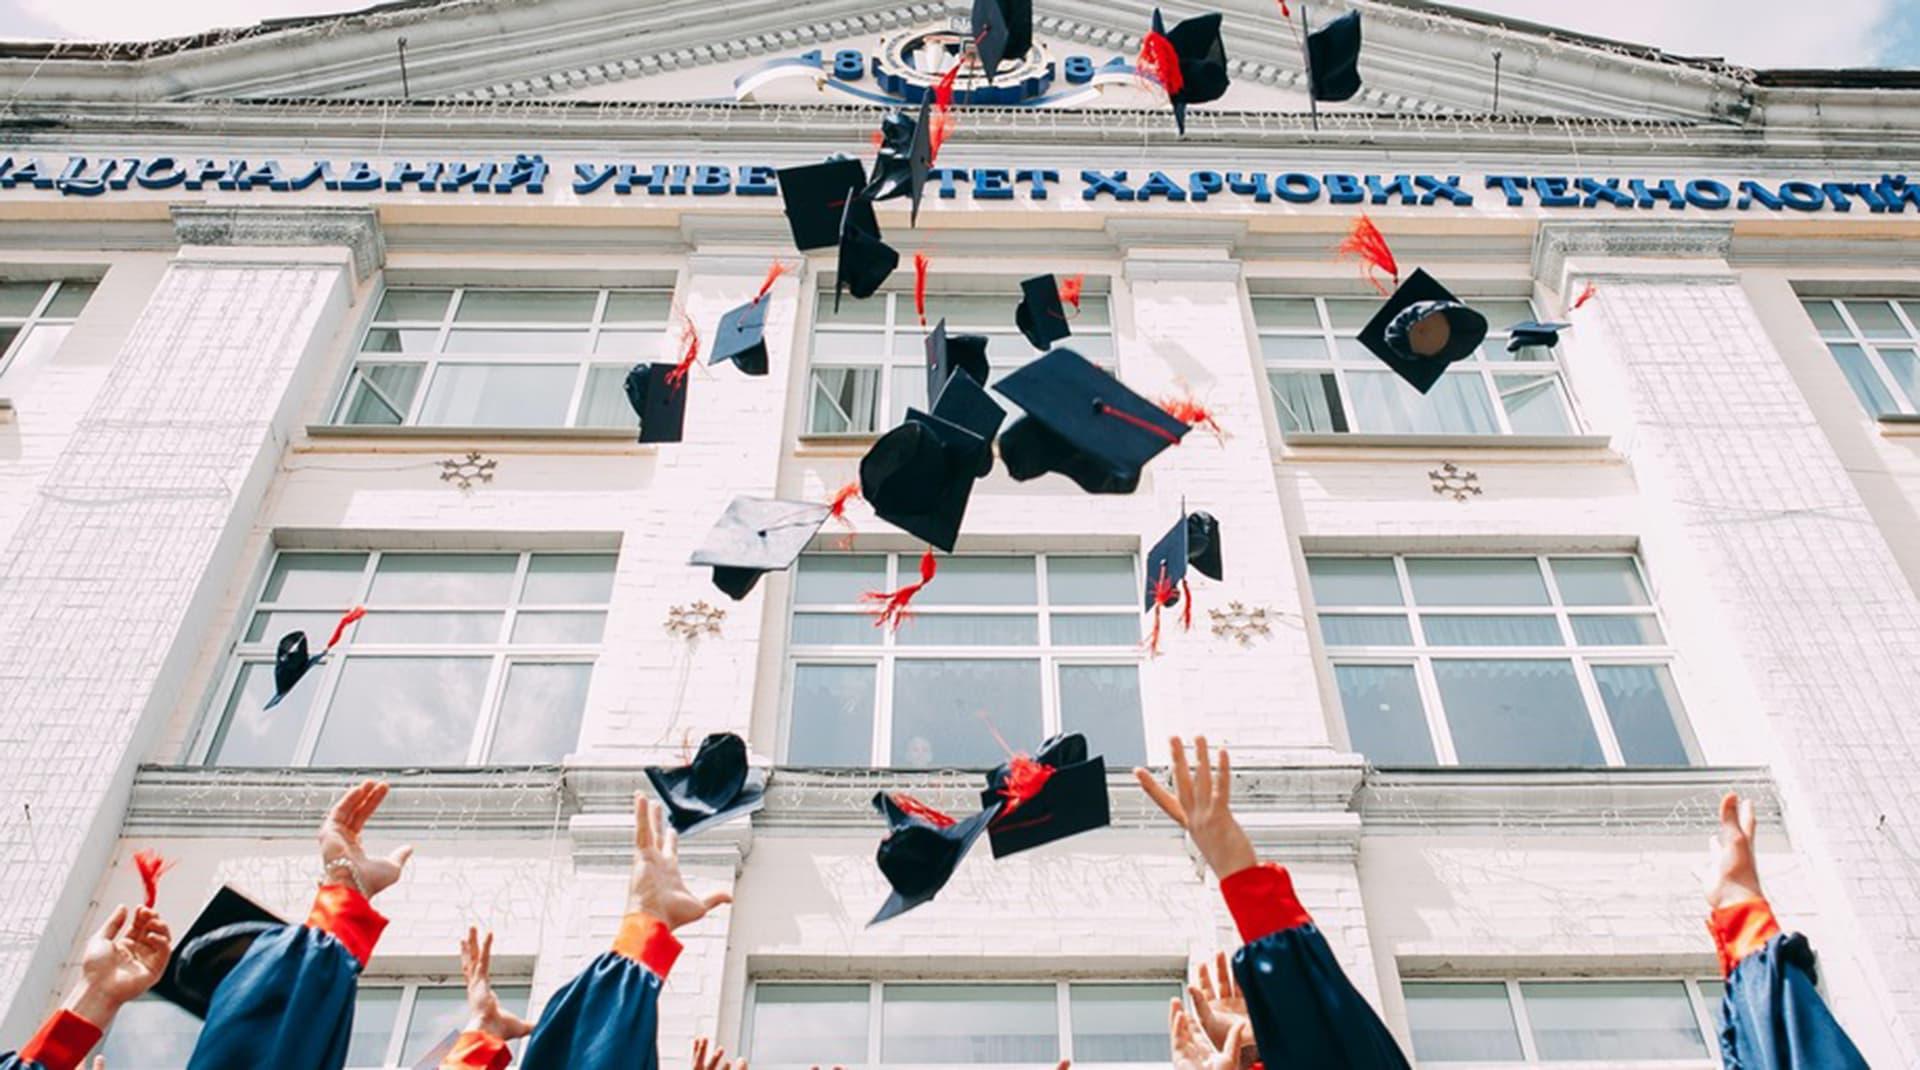 Как вузы продвигаются в соцсетях: «университет Постиронии», маска с профессорскими усами и edutainment от Вышки